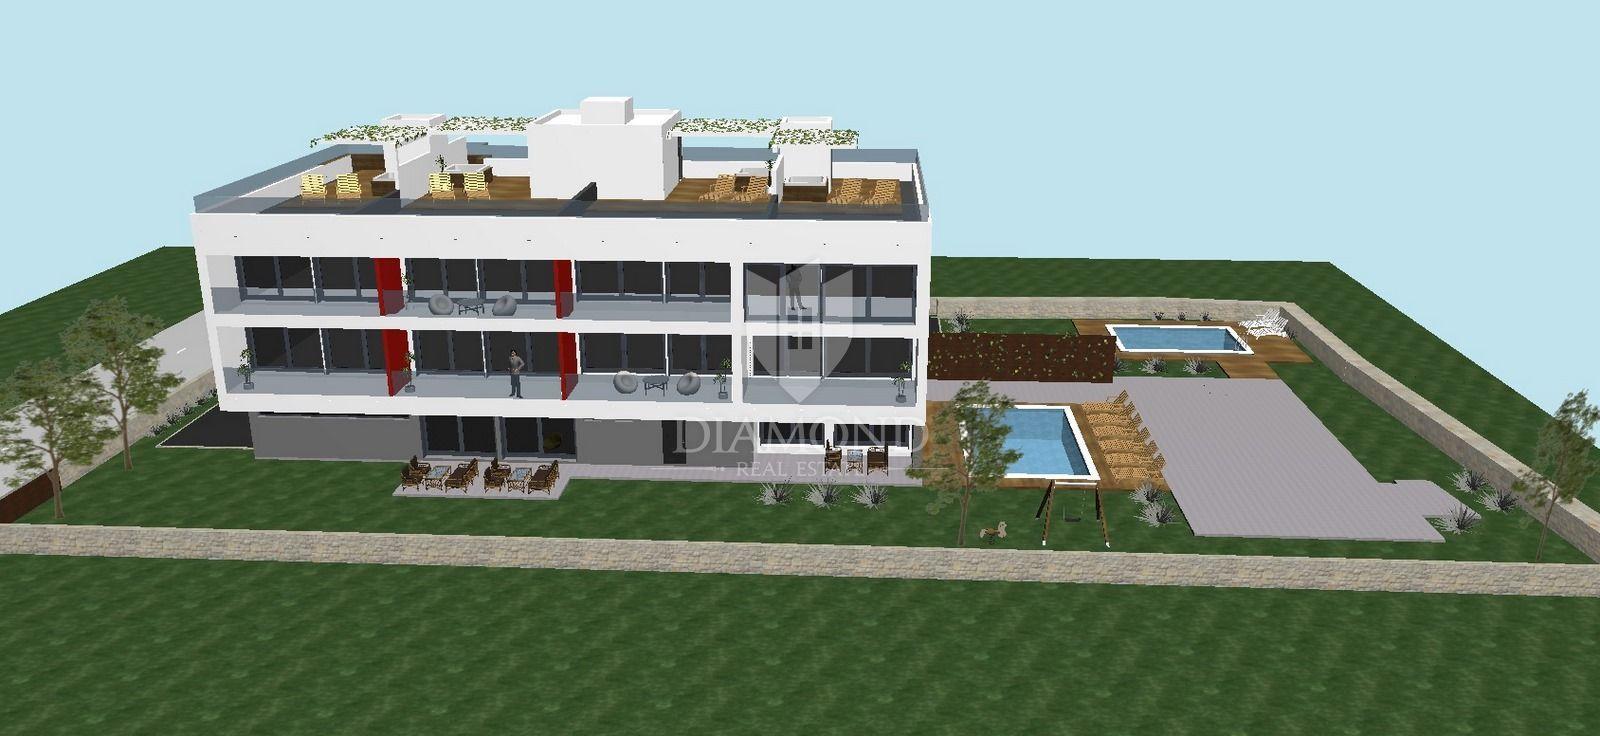 Appartamento A Due Piani Medulin Con Terrazza Sul Tetto